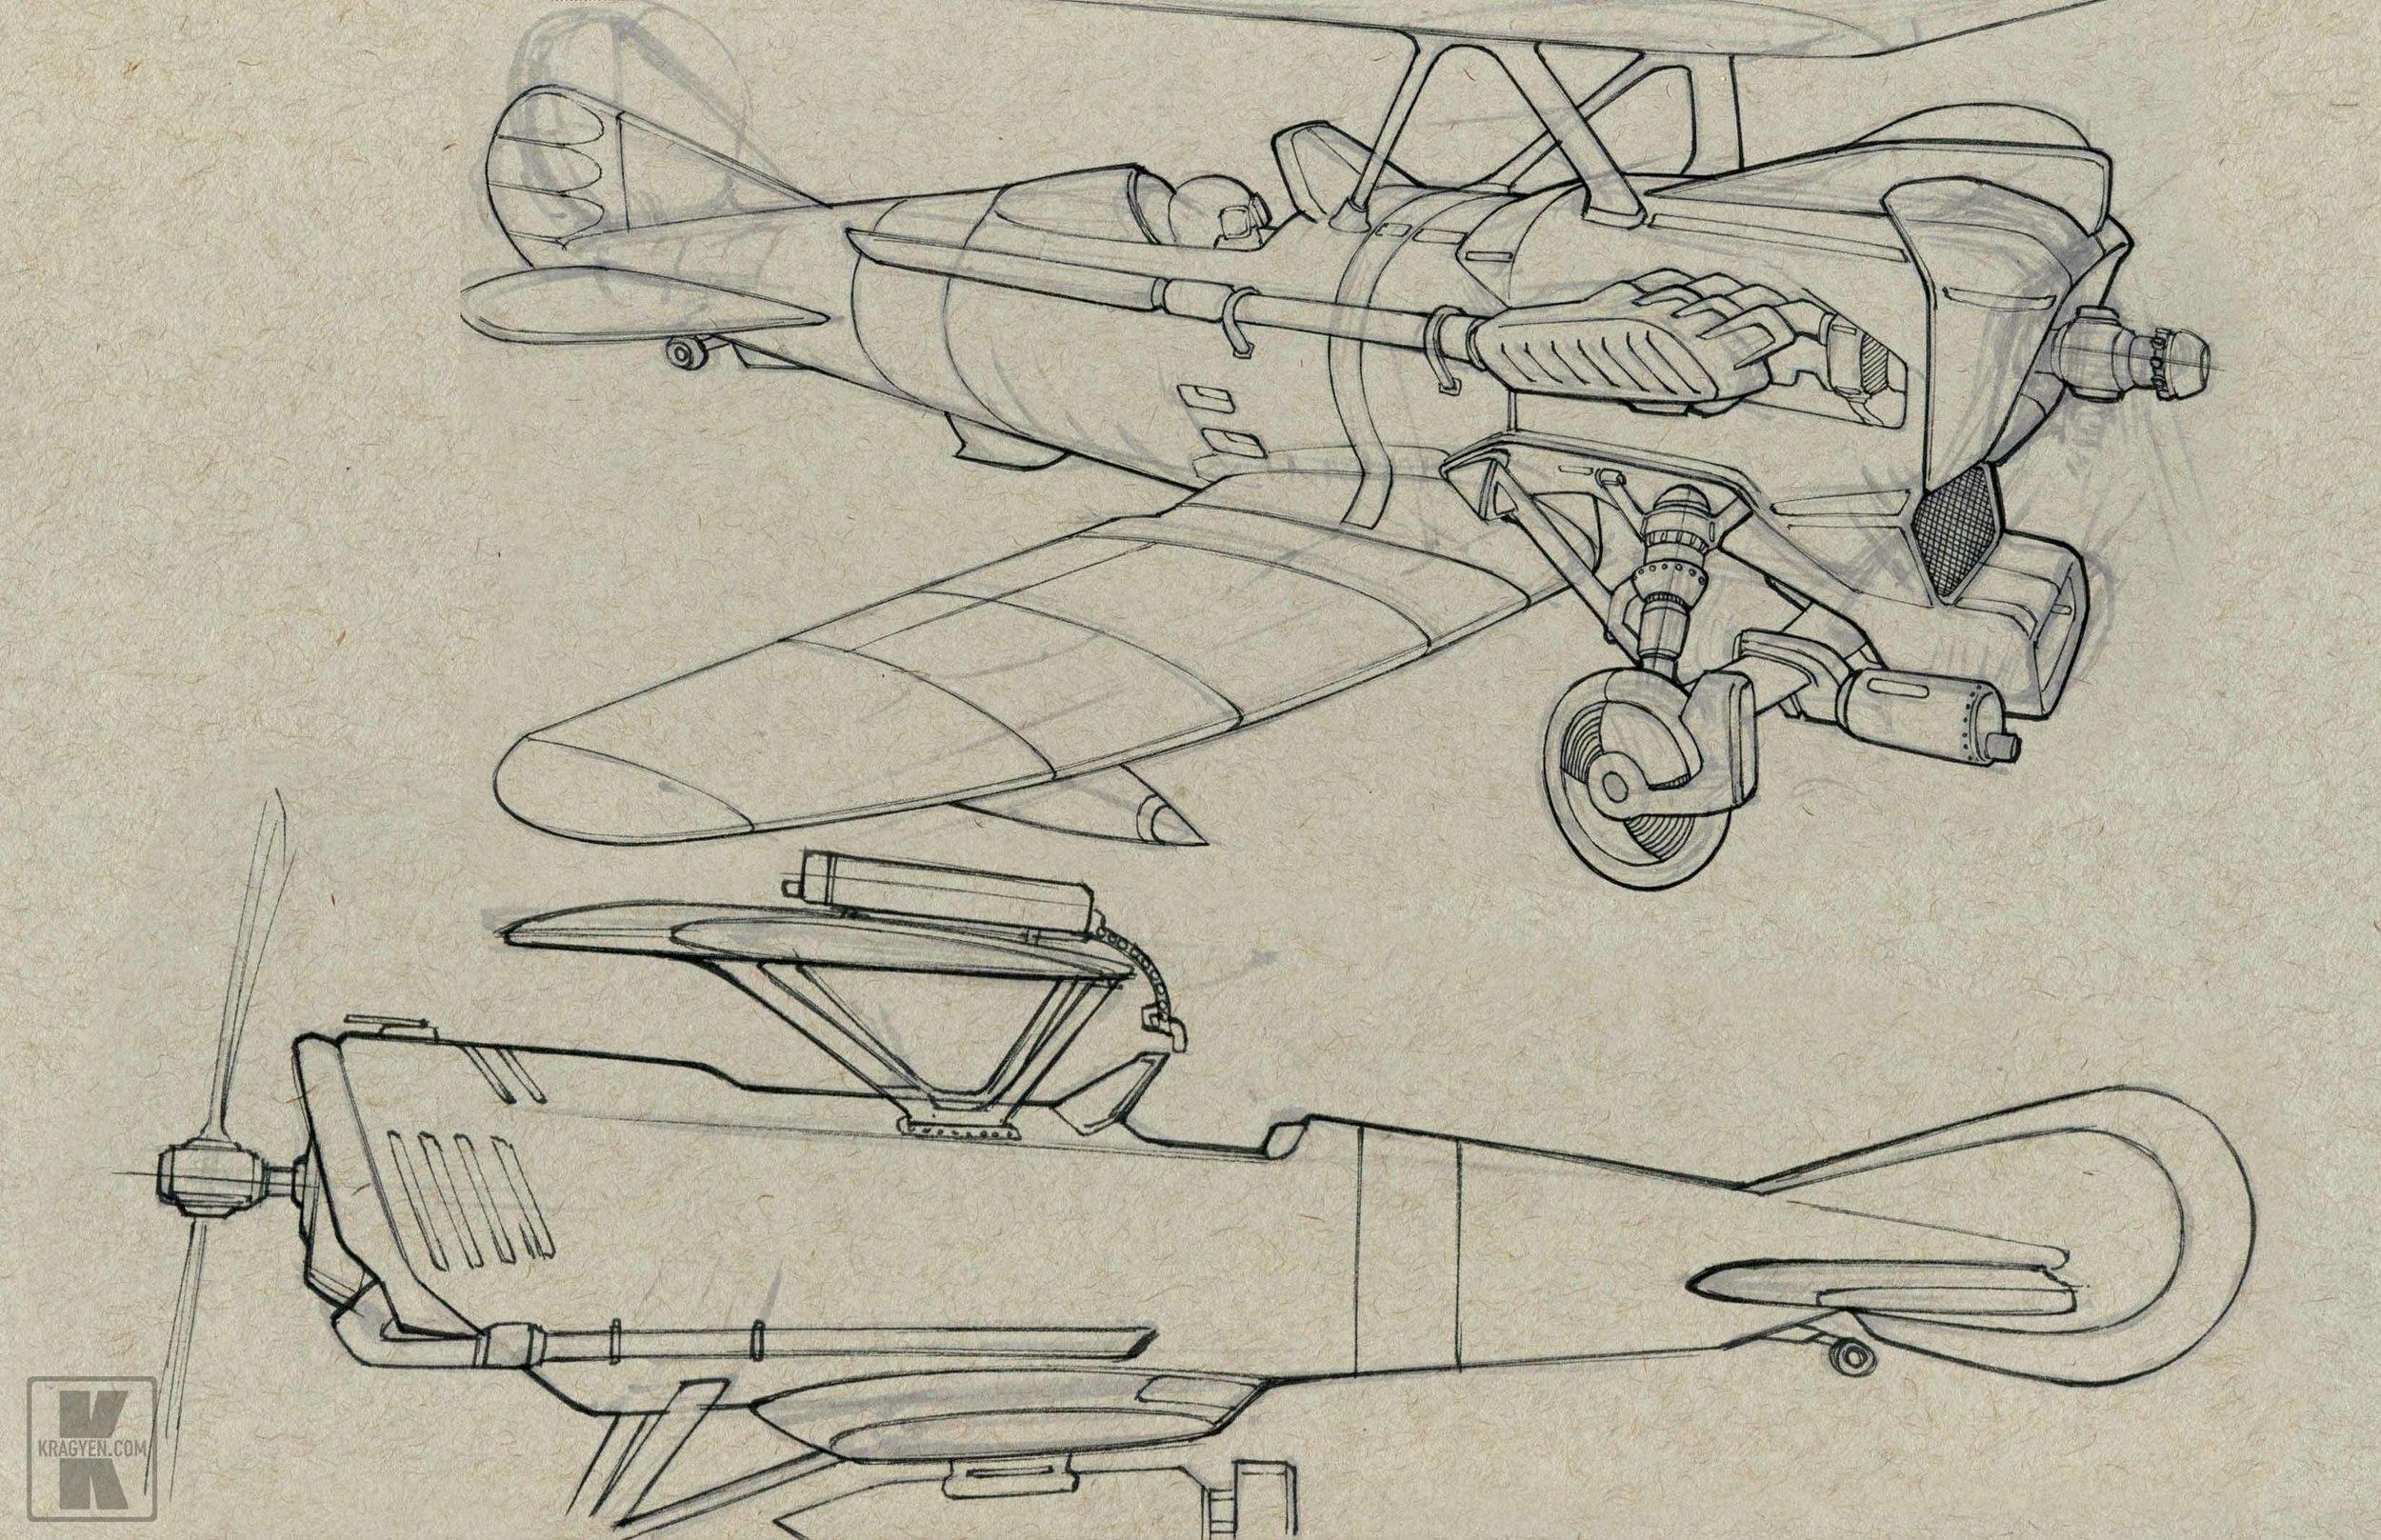 BiplaneDesign3.jpg